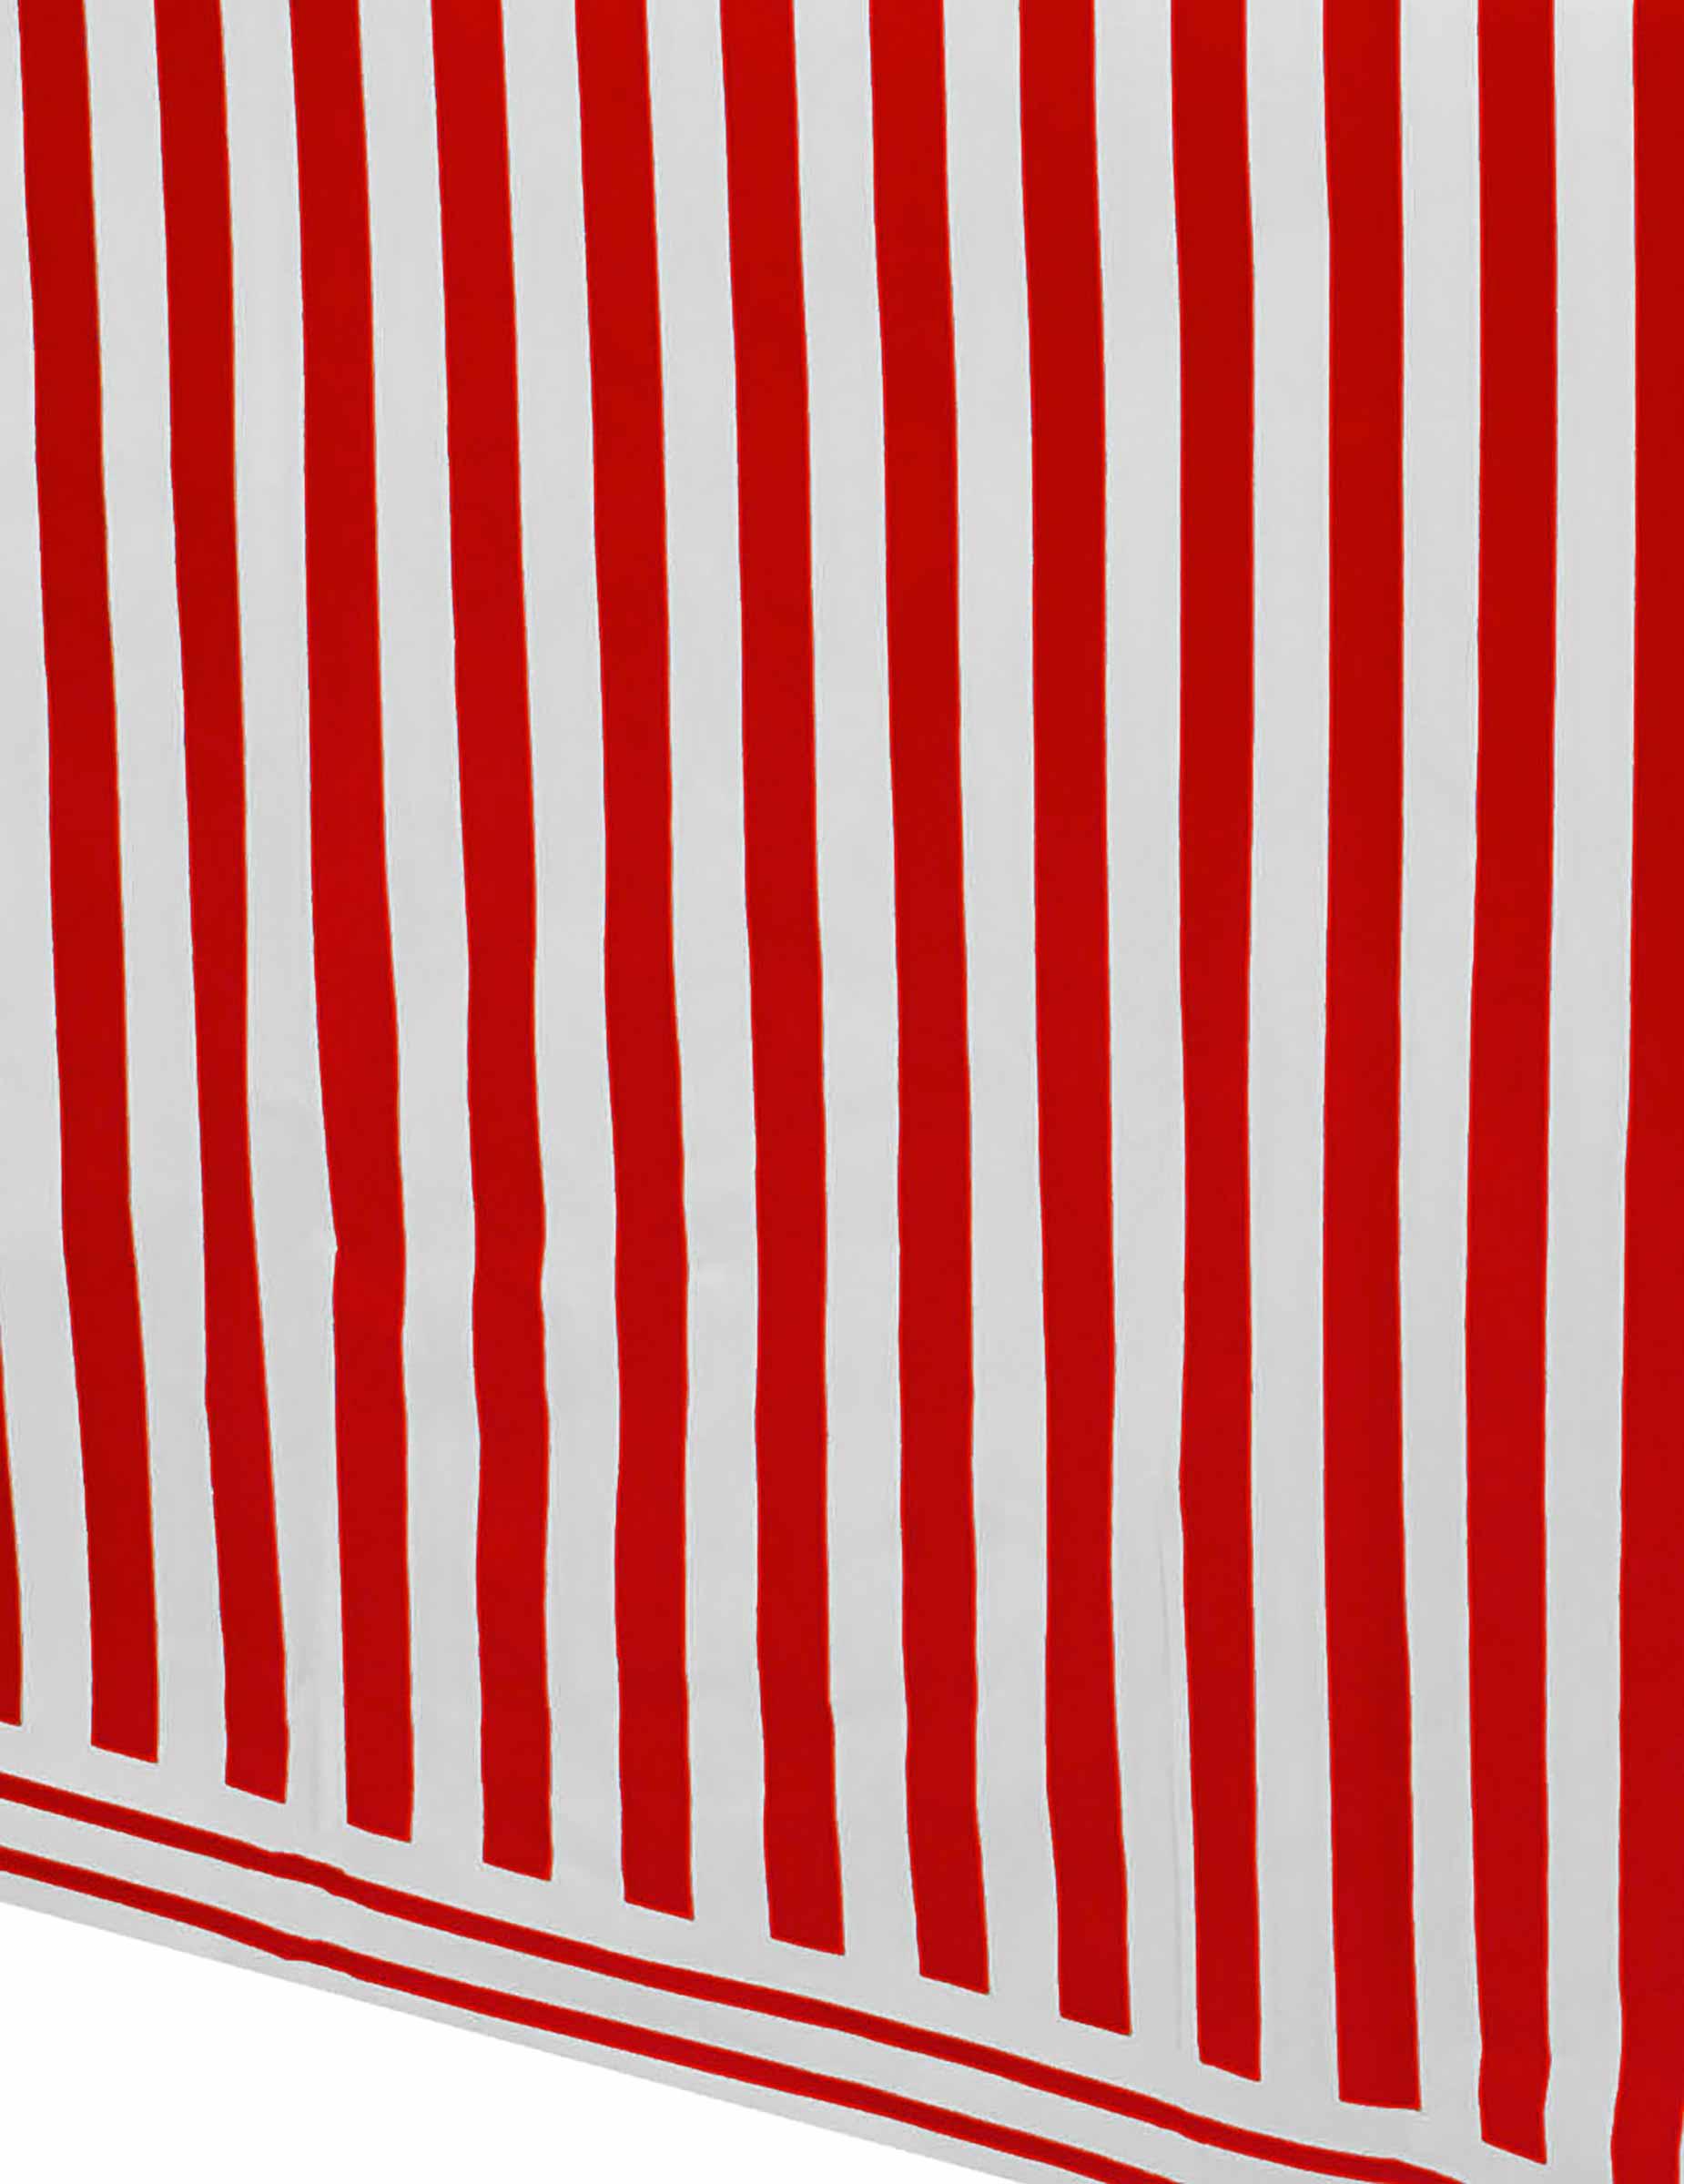 rot wei e gestreifte tischdecke aus plastik 137 x 274 cm partydeko und g nstige. Black Bedroom Furniture Sets. Home Design Ideas